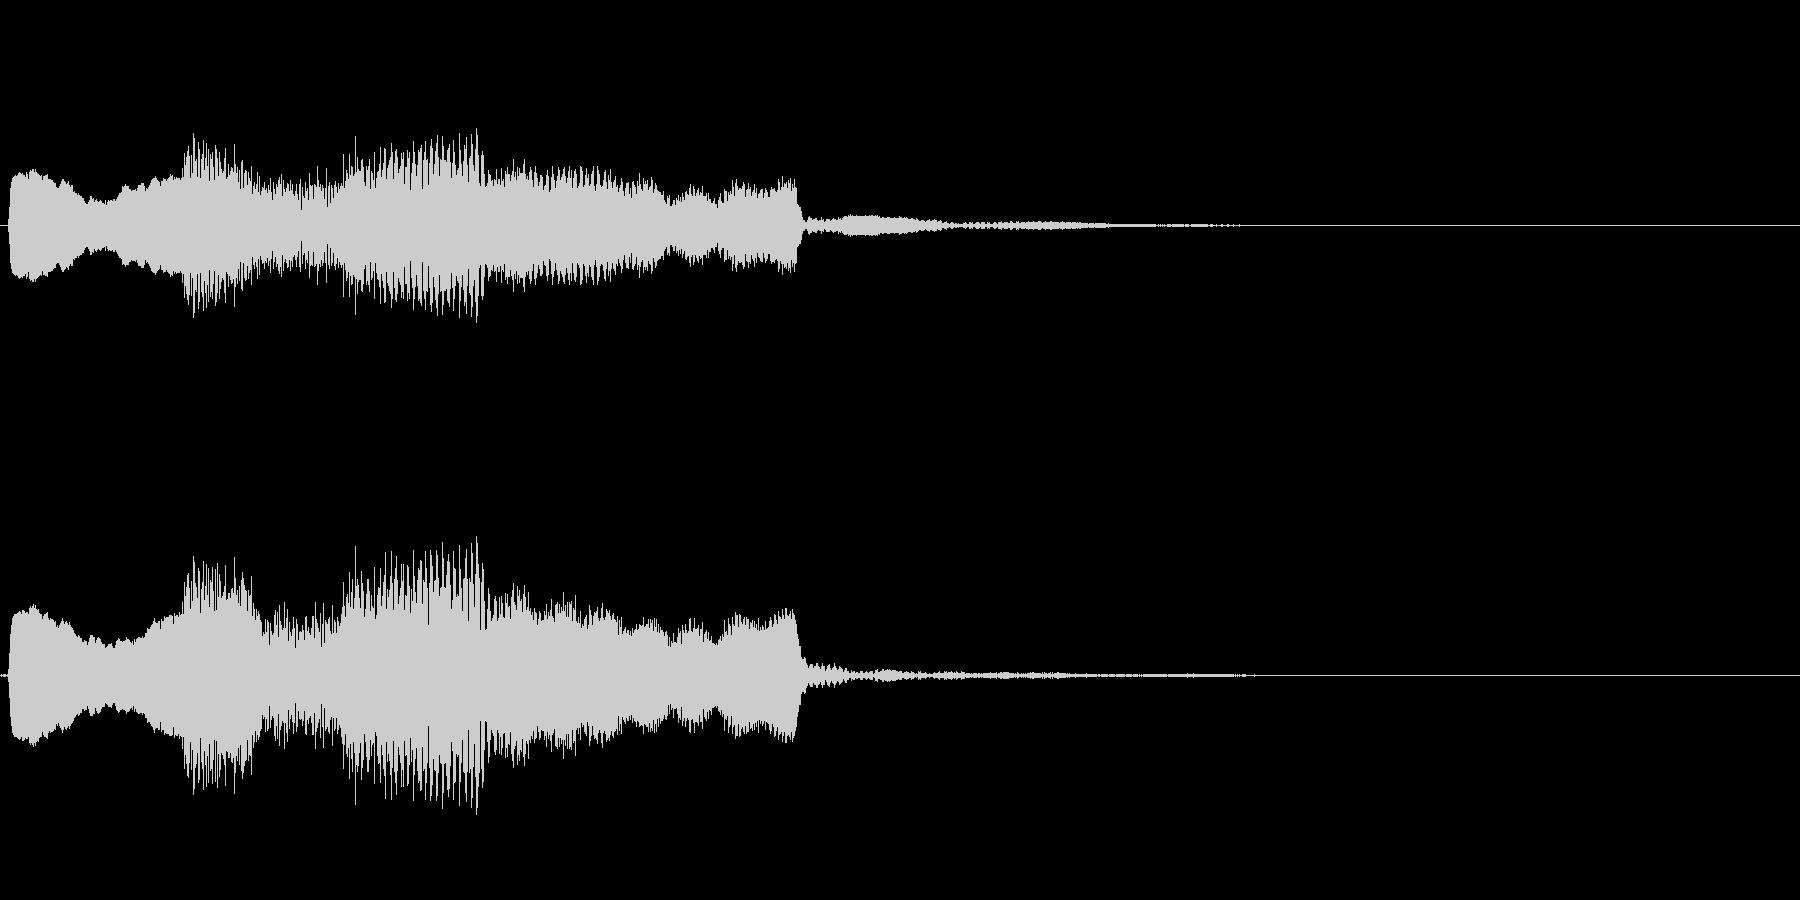 【システム音セット01-ポップアップ】の未再生の波形